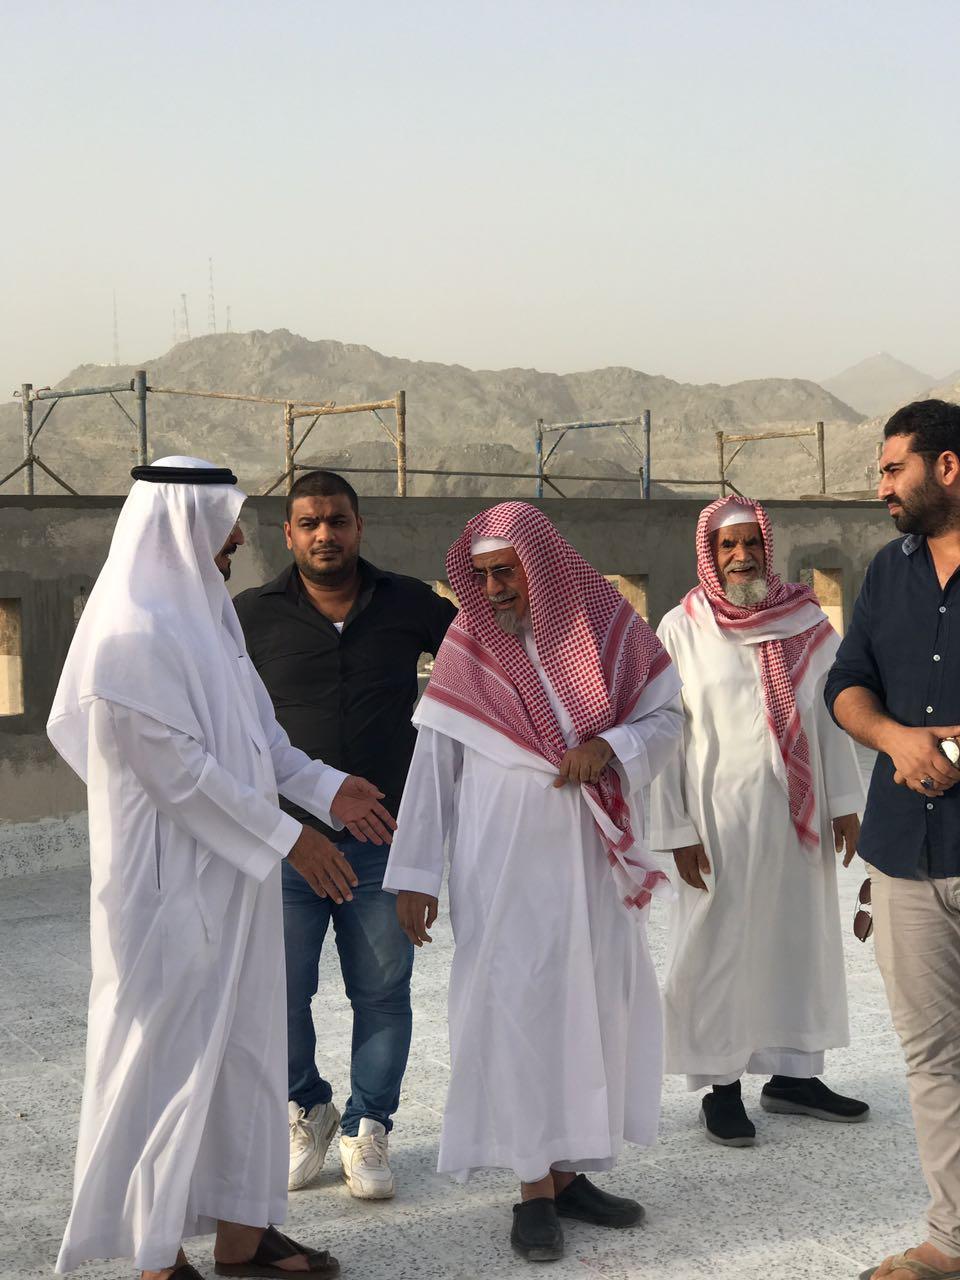 زيارة-الشيخ-الدكتور-صالح-بن-حميد-لوقف-الجمعية-بالهجرة